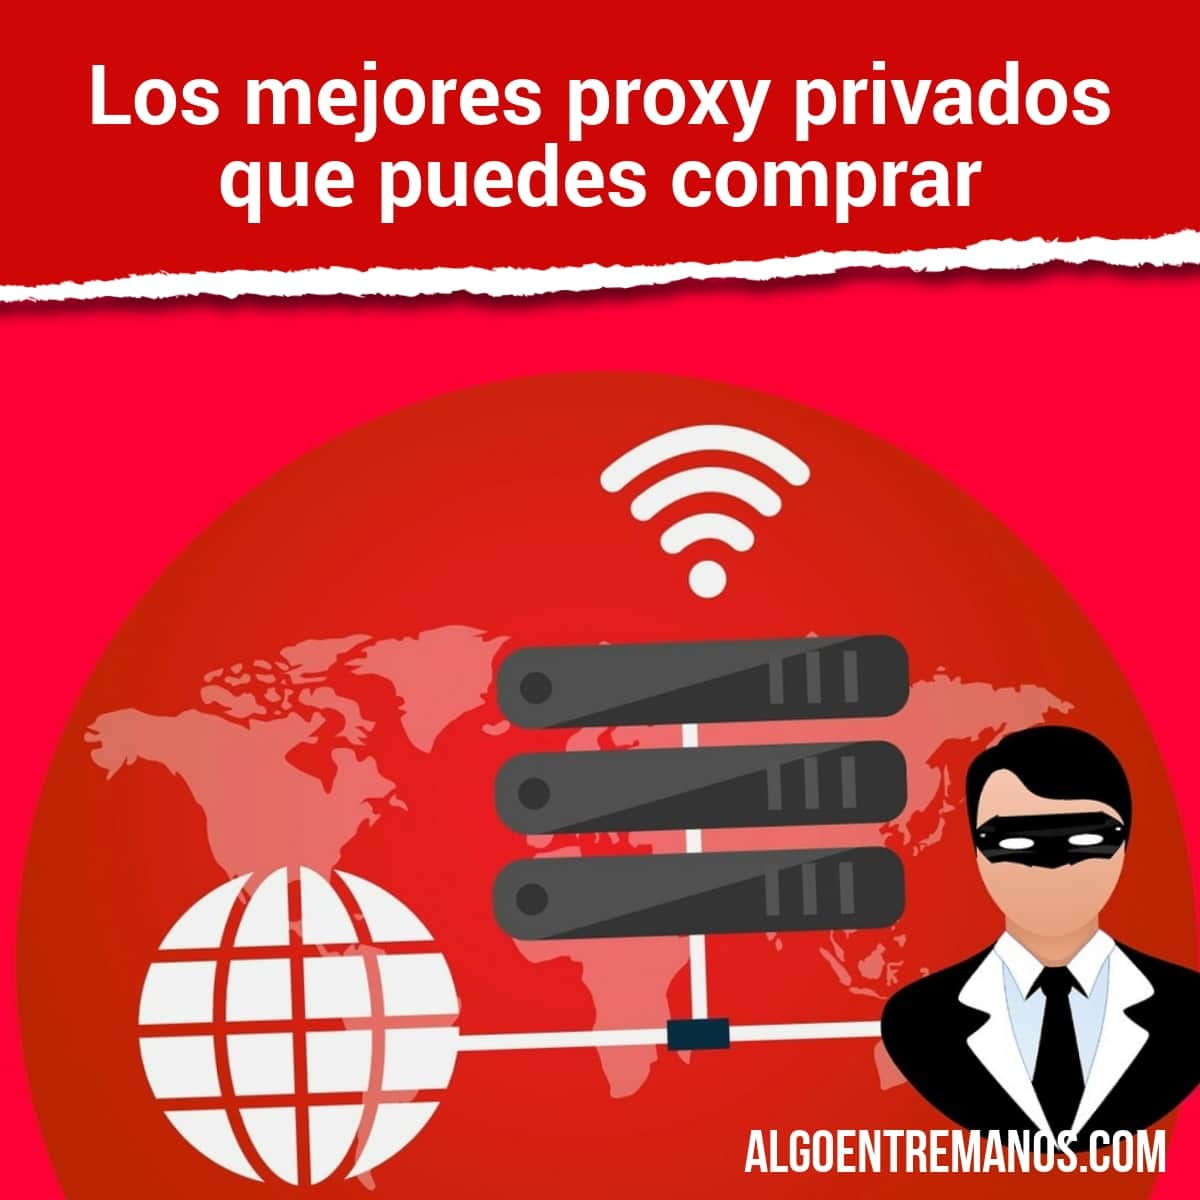 Los mejores proxy privados que puedes comprar